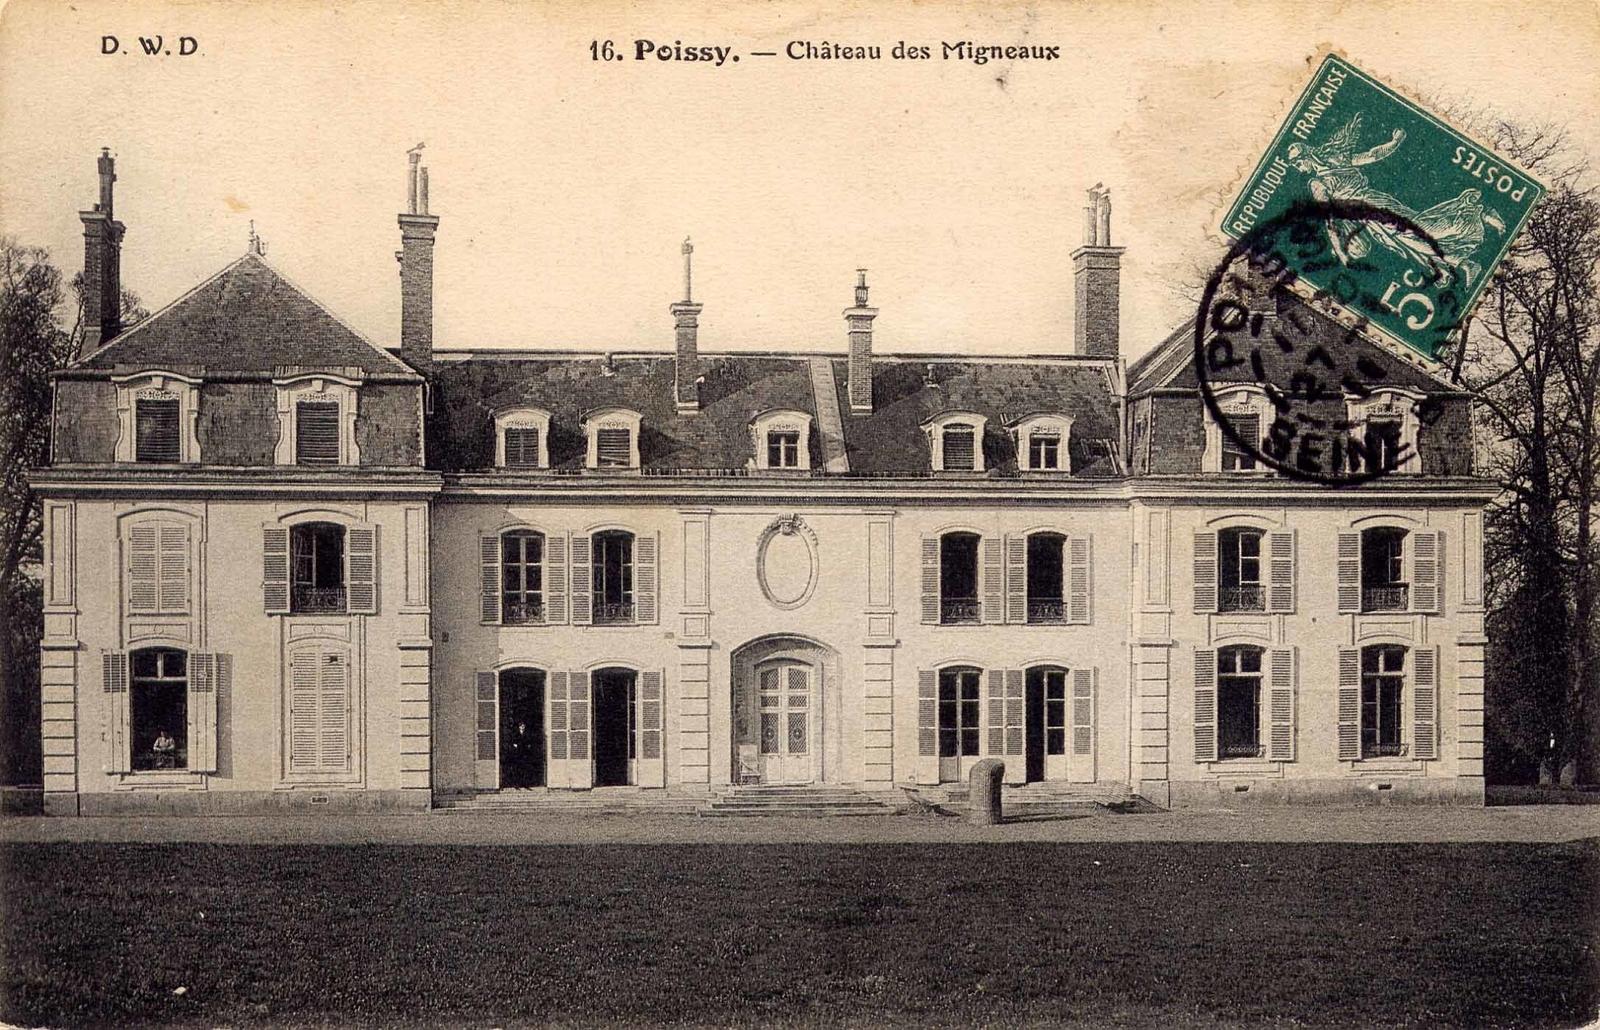 Poissy - CHÂTEAU DES MIGNEAUX : Faute de trouver le lien du premier porteur du nom avec le domaine proprement dit, c'est à l'origine de la seigneurie de Villennes qu'il convient de rattacher celle de Migneaux. Ainsi, à la fin du quinzième siècle, il faut attribuer cette terre à Guillaume de Brinon, conseiller du roi dont la famille alliée à celle d'Henri Perdrier, seigneur de Médan, puis aux Bourdin, va en conserver la jouissance jusqu'au milieu du dix-septième siècle.Nous sommes en présence d'une famille de noblesse de robe qui, pendant plus de deux siècles, va rester fidèle à son implantation terrienne, tout en exerçant ses fonctions souvent au Parlement de Paris, mais également à celui de Rouen.On ne peut conclure sur l'appartenance des lieux à cette famille sans évoquer le plus illustre de ses membres : Jean II Brinon. Avec lui, nous sommes en présence du riche seigneur poète, passionné de belles lettres, qui va être l'ami et le mécène de Ronsard et de La Pléiade.A la mort de Jean II en 1565, la seigneurie de Villennes passe dans la famille Bourdin par héritage. La terre de Mignoz est mentionnée pour chacun des partages de cette fin du seizième siècle.Pour ce qui concerne la première mention d'un hostel seigneurial à Migneaux, elle est trouvée dans des aveux du 22 décembre 1606 rendus par Marie du Fayet, épouse séparée de Nicolas Bourdin. L'acte passé chez Me Fournier, notaire au Châtelet de Paris, ne mentionne d'ailleurs que des vestiges d'un hostel. Migneaux devient la résidence de cette dame qui, inhumée dans l'église Sainte-Marguerite, avait pour frère Antoine Fayet, curé de Saint-Paul.En 1659, Nicolas et Charlotte Lemasson ont hérité de Migneaux par donation de leur oncle Jean-Baptiste Lelarge, procureur au Châtelet de Paris. Rapidement, Louis Fauveau, conseiller secrétaire du roi, en devient acquéreur. Ce dernier, menacé de saisie, revend le 7 août 1682 à Charles Dufresny de La Rivière, garçon ordinaire de la chambre du roi.Avec ce propriétaire, nous somme